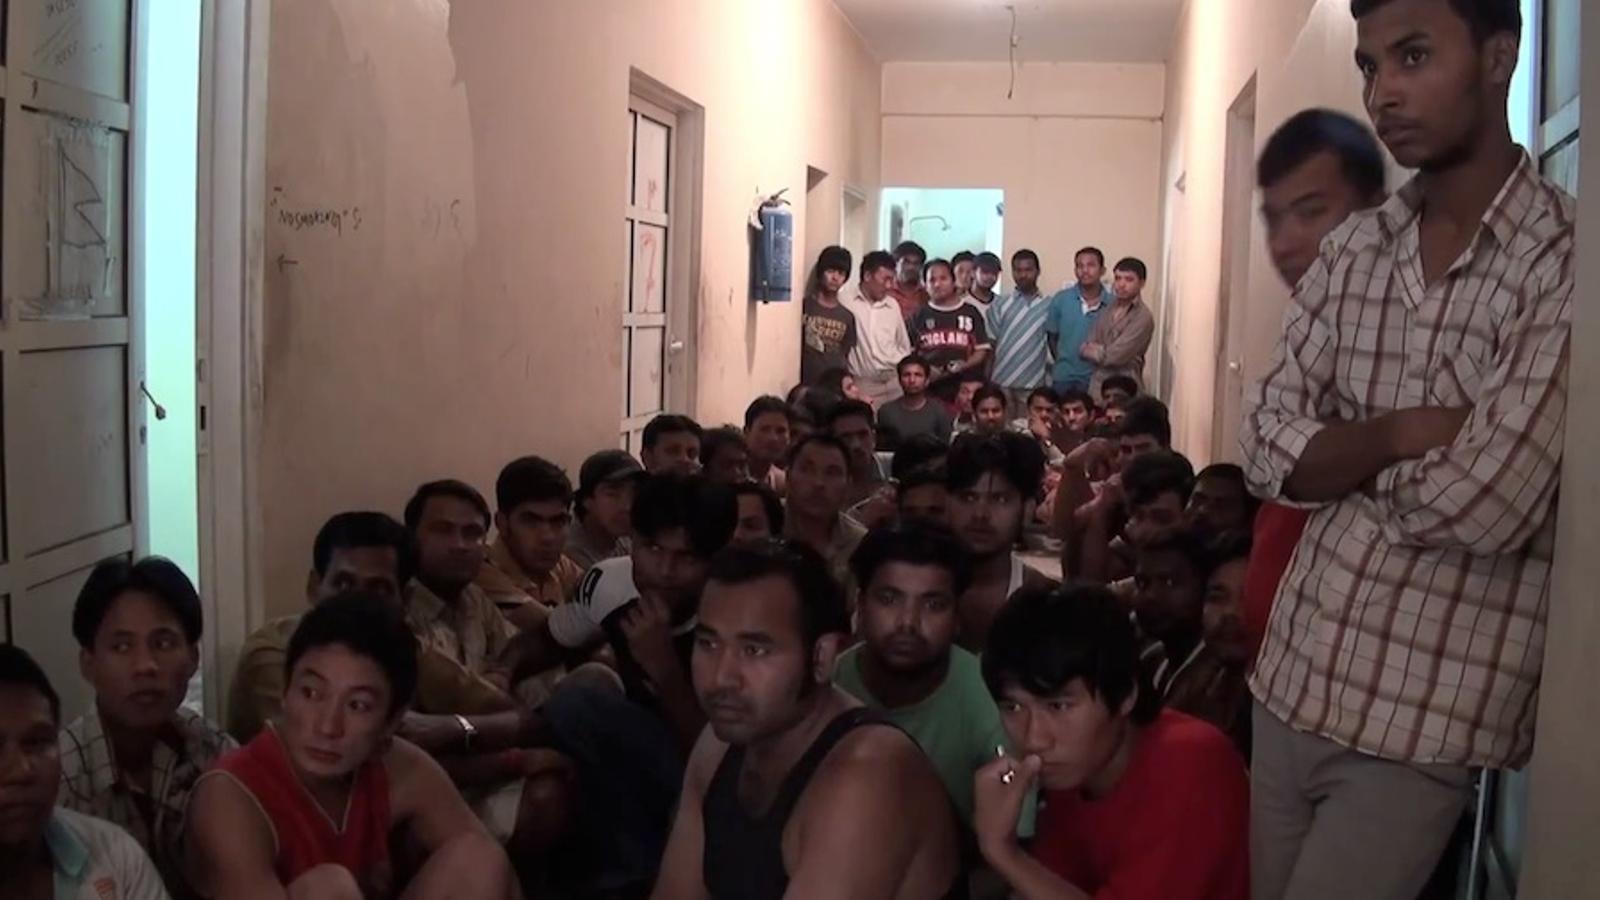 Hi ha alguna manera de sortir d'aquí? Ens estem tornant bojos: el clam d'un treballador nepalès a Qatar